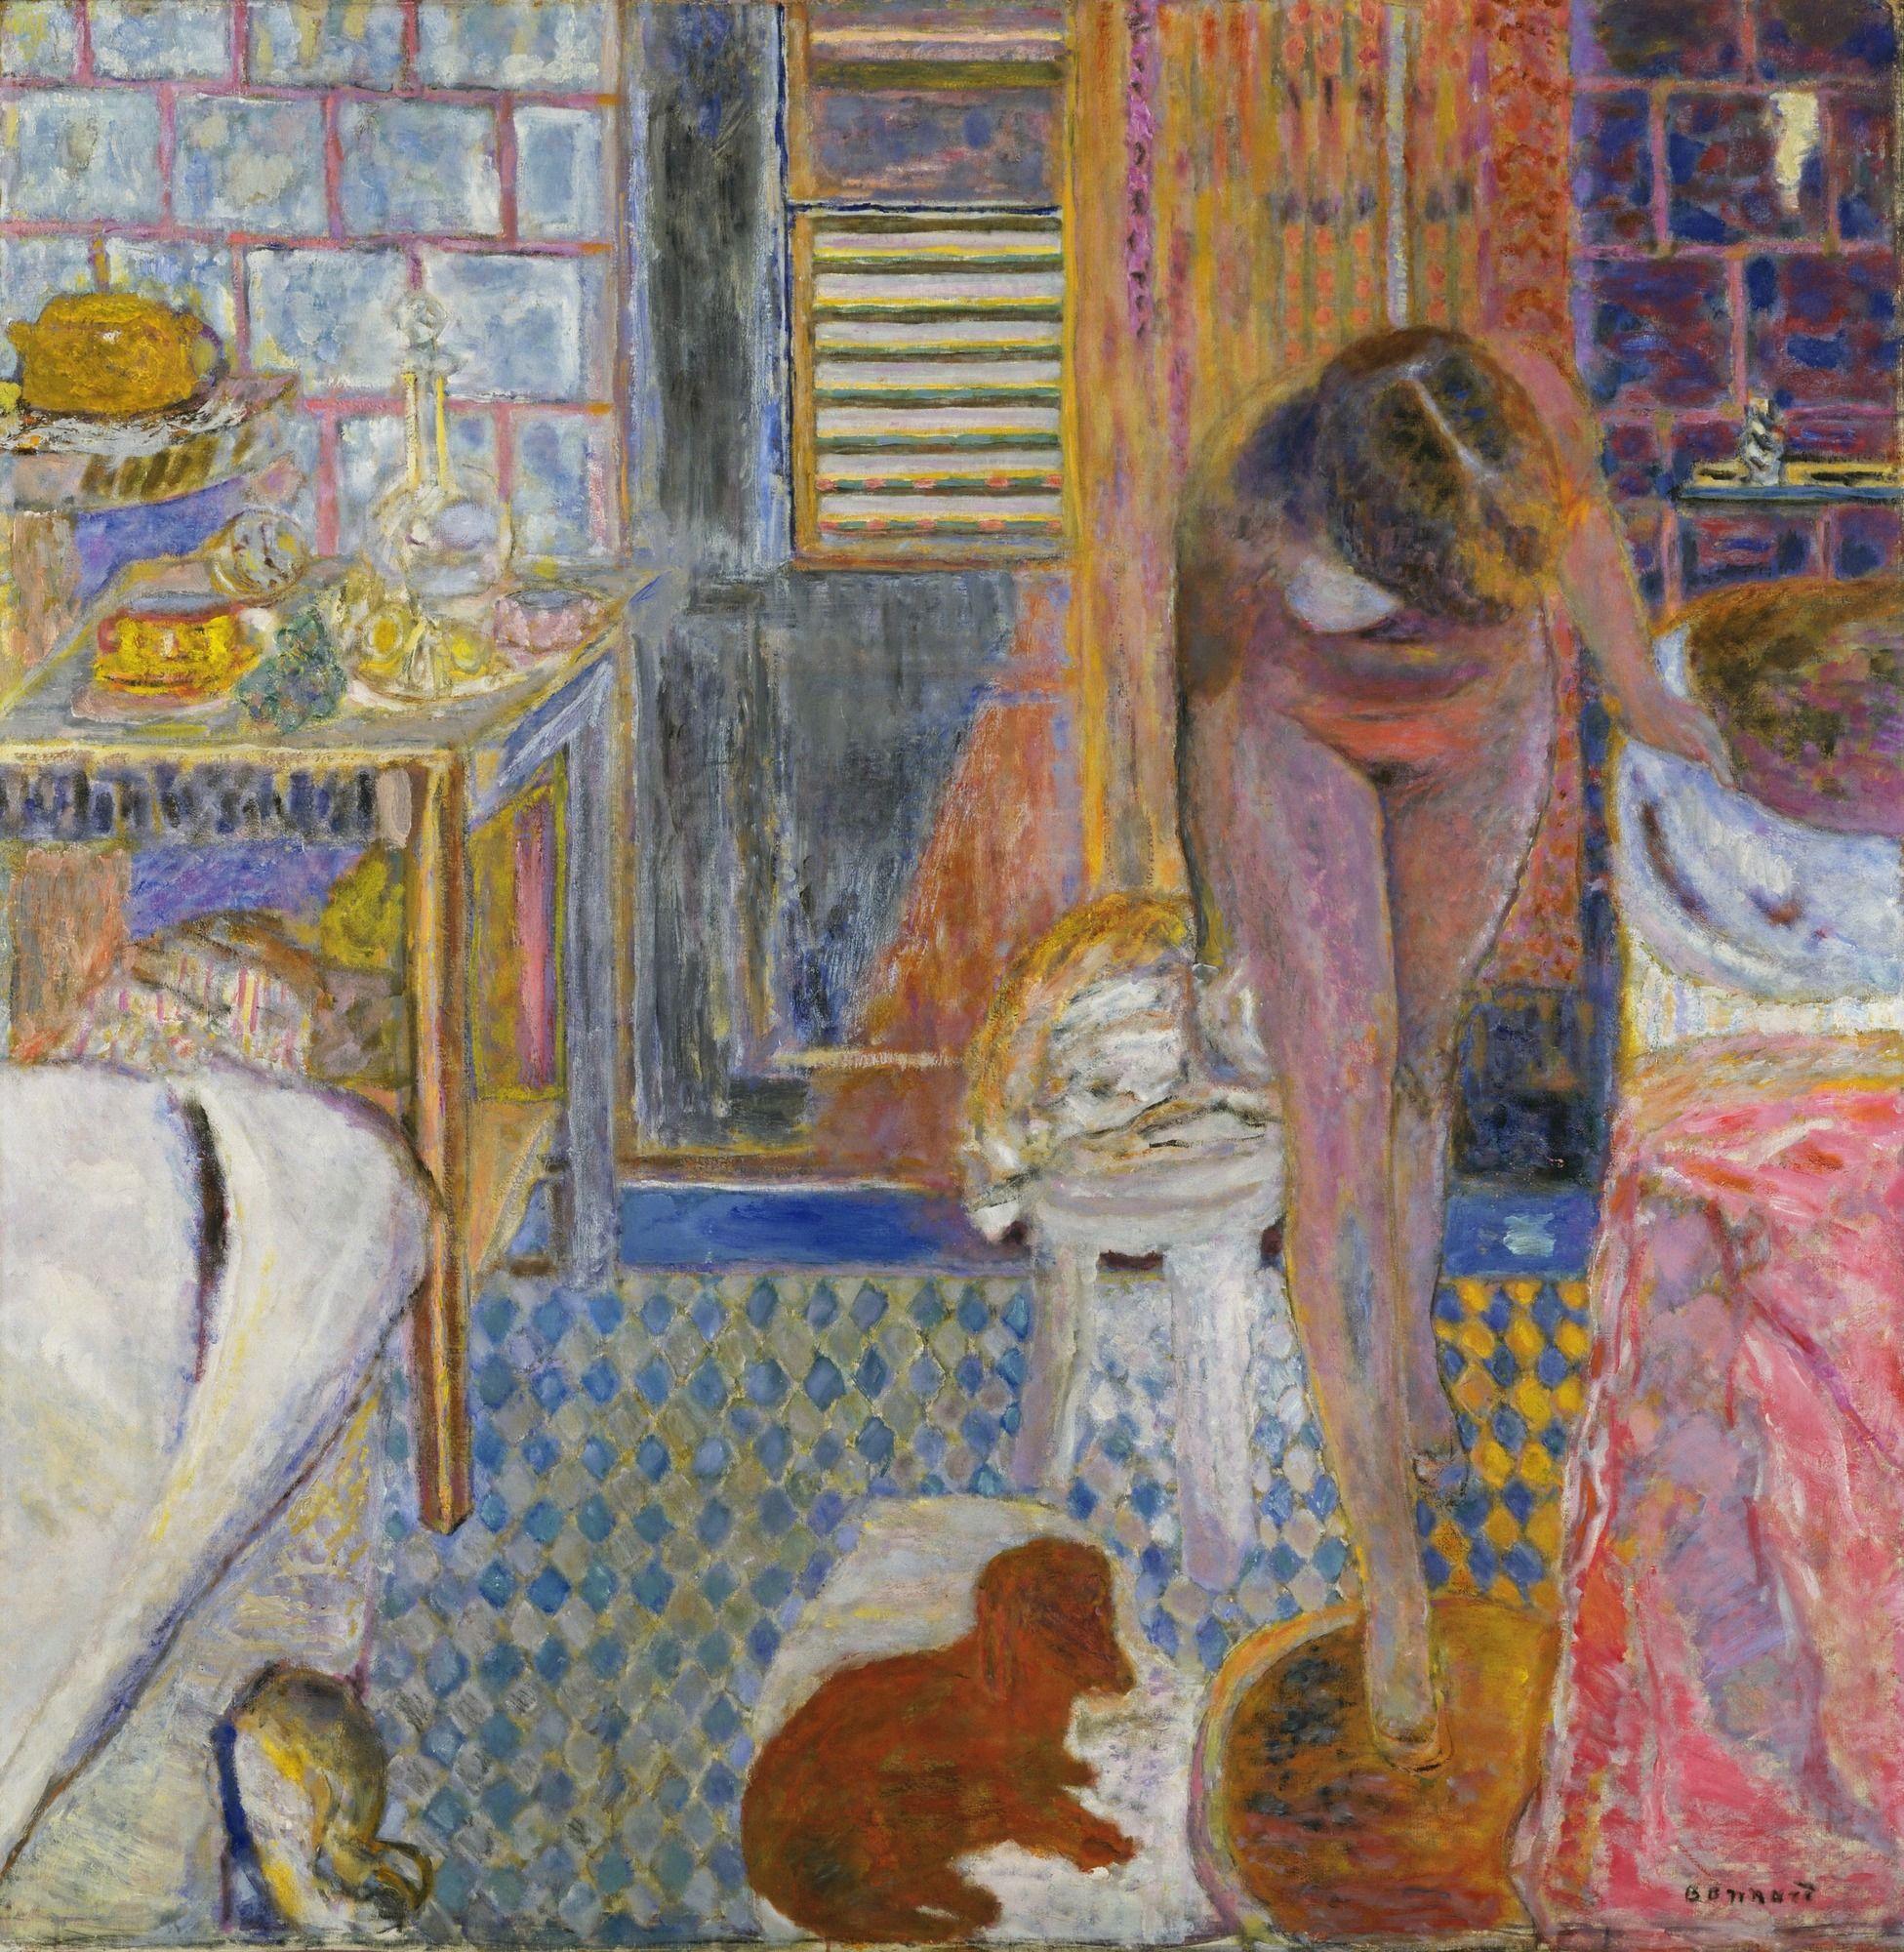 Pierre Bonnard. The Bathroom. 1932. The Artist's Own Bath